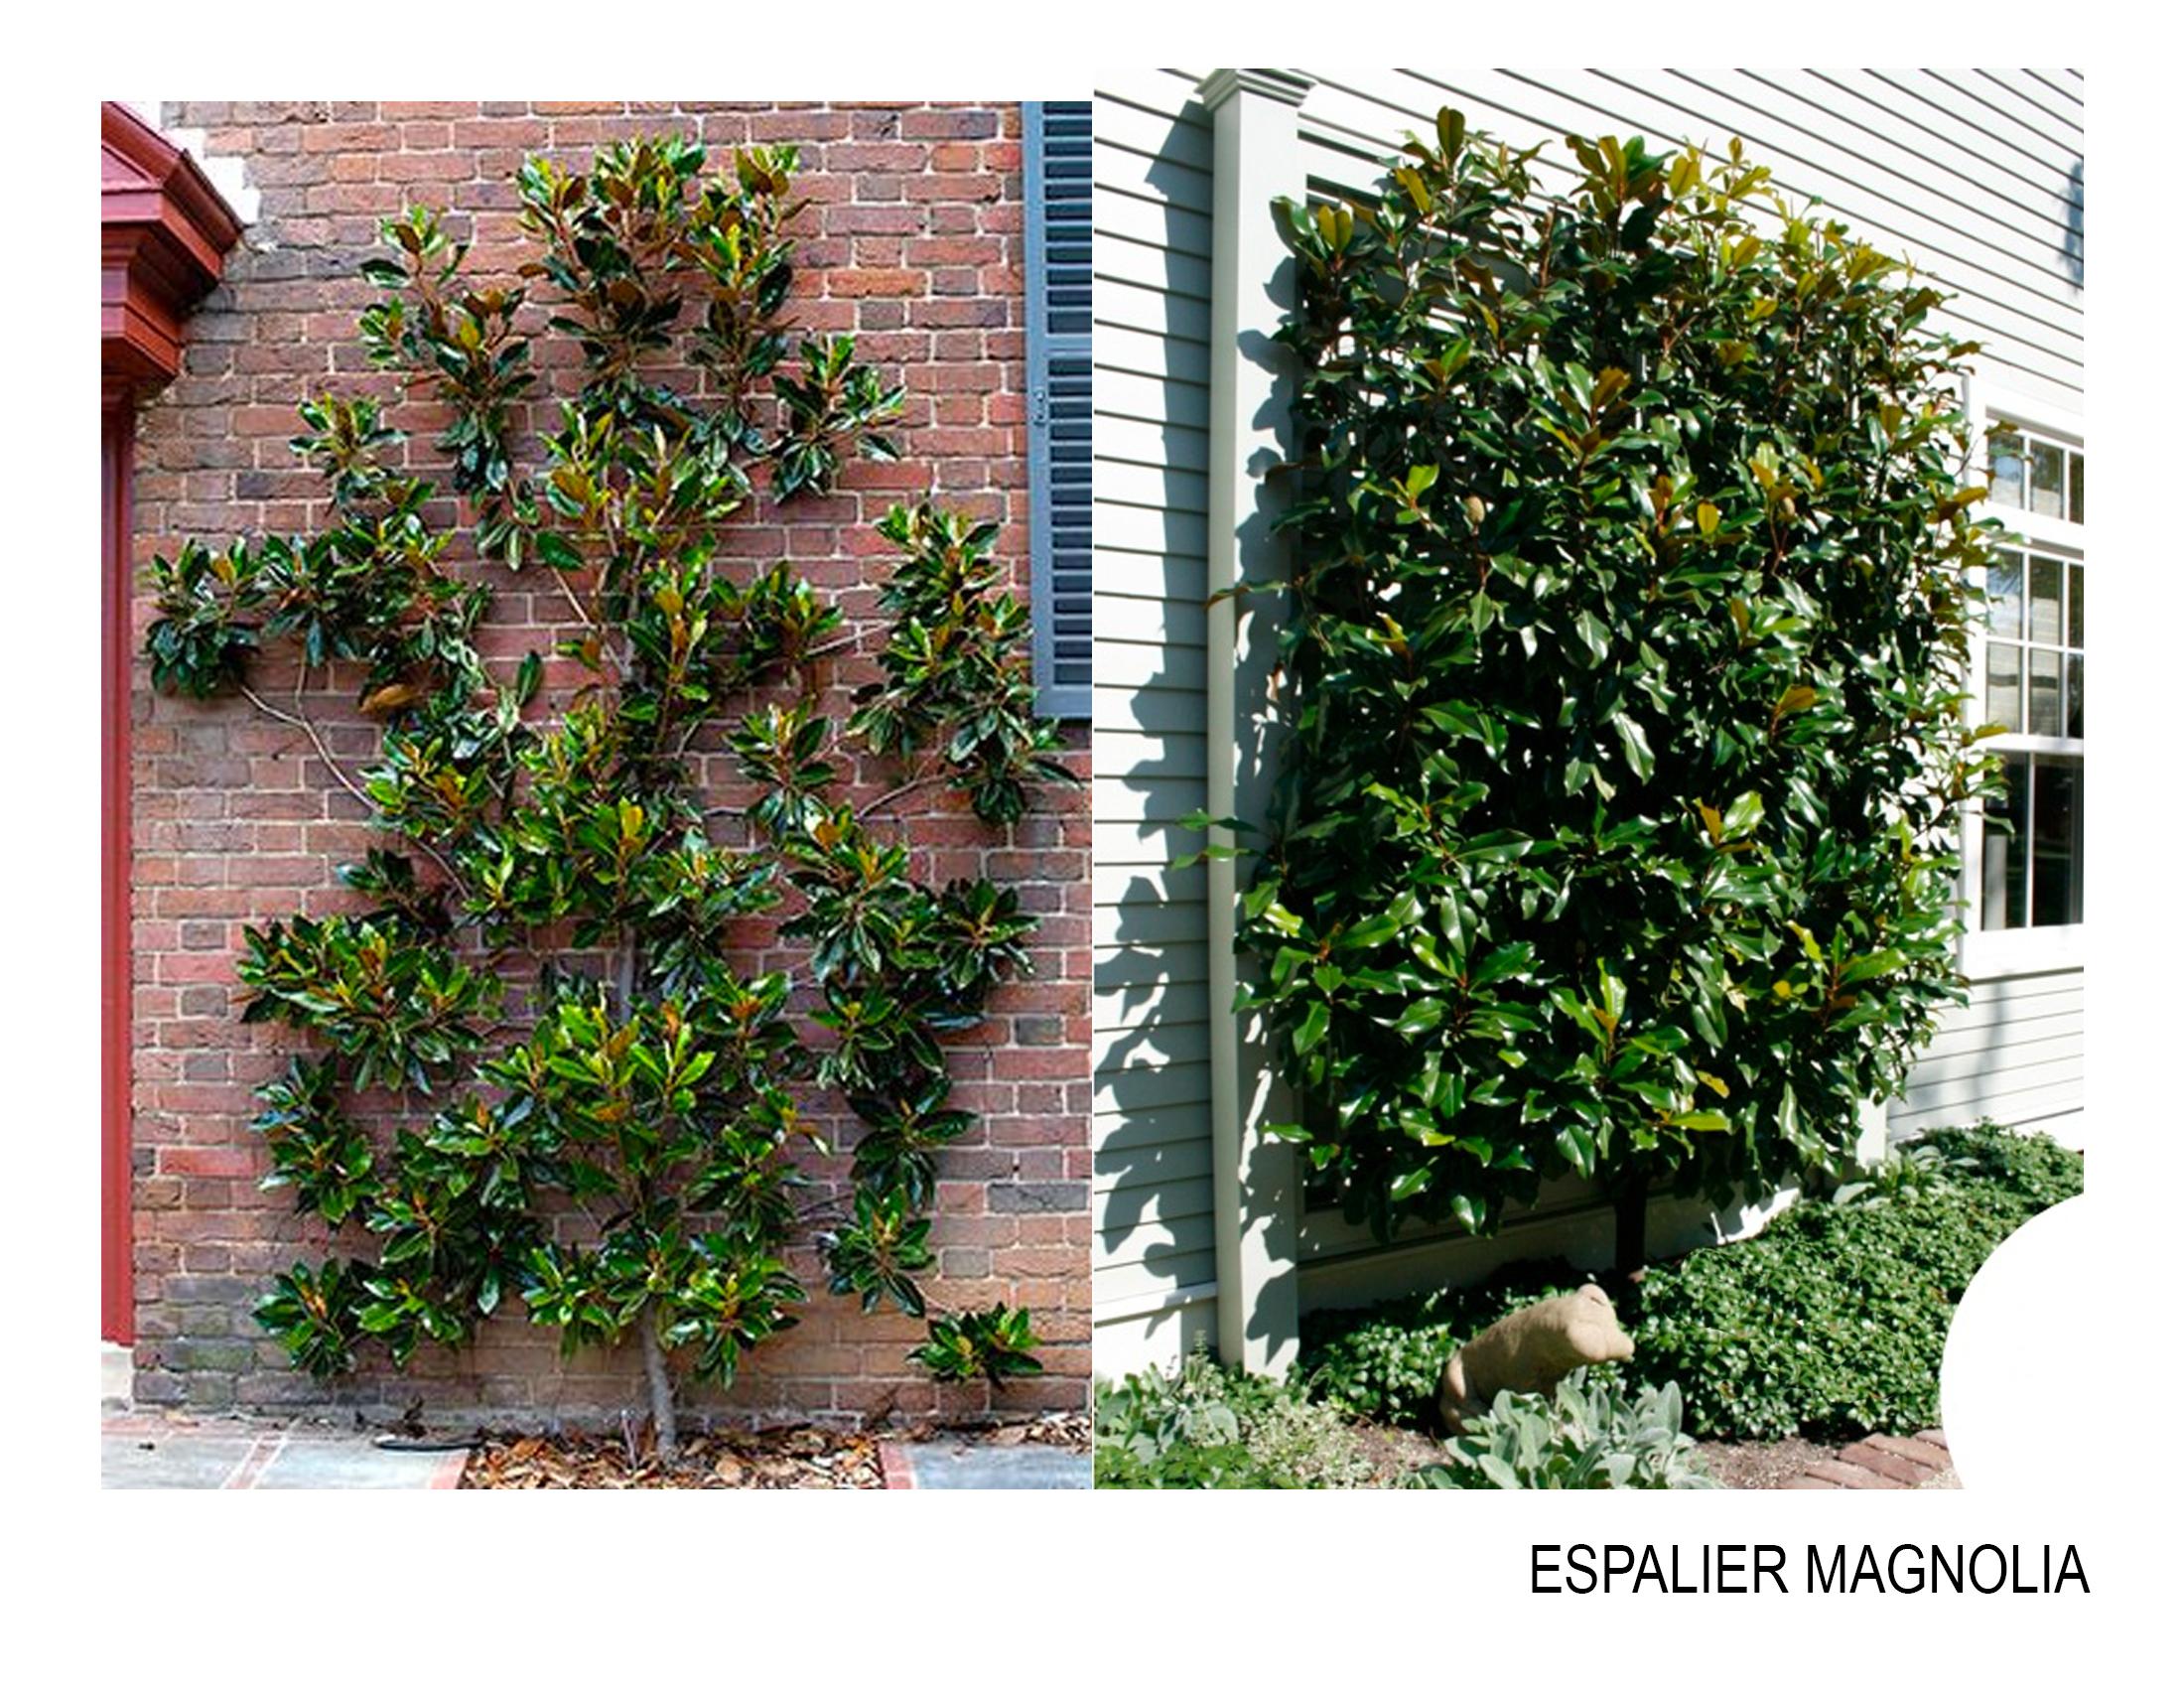 espalier magnolia.jpg